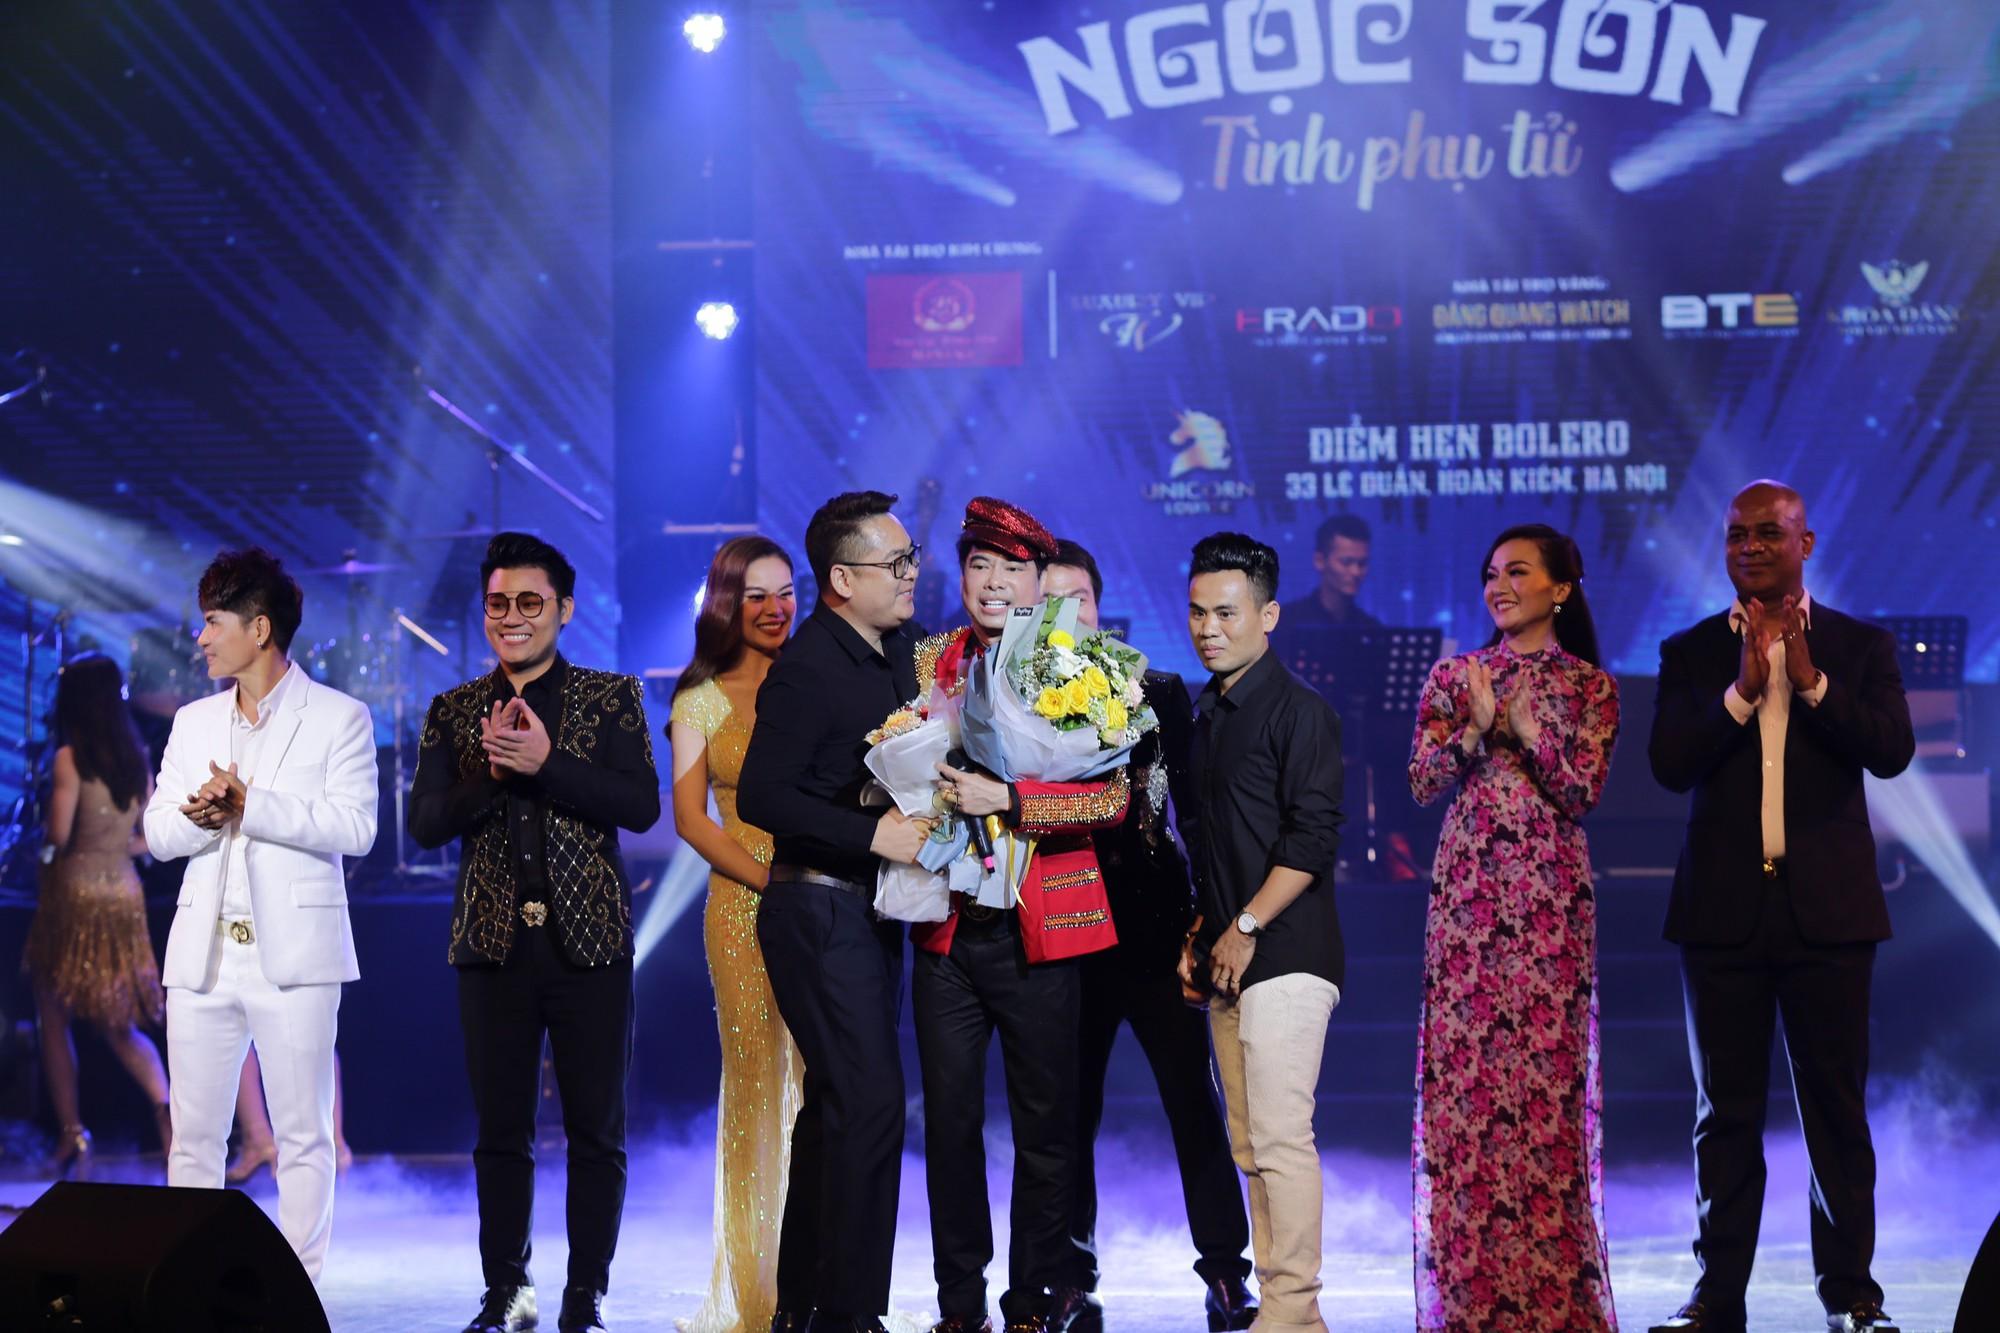 Liveshow của Ngọc Sơn tại Hà Nội cháy vé dù giá cao ngất ngưởng - Ảnh 2.